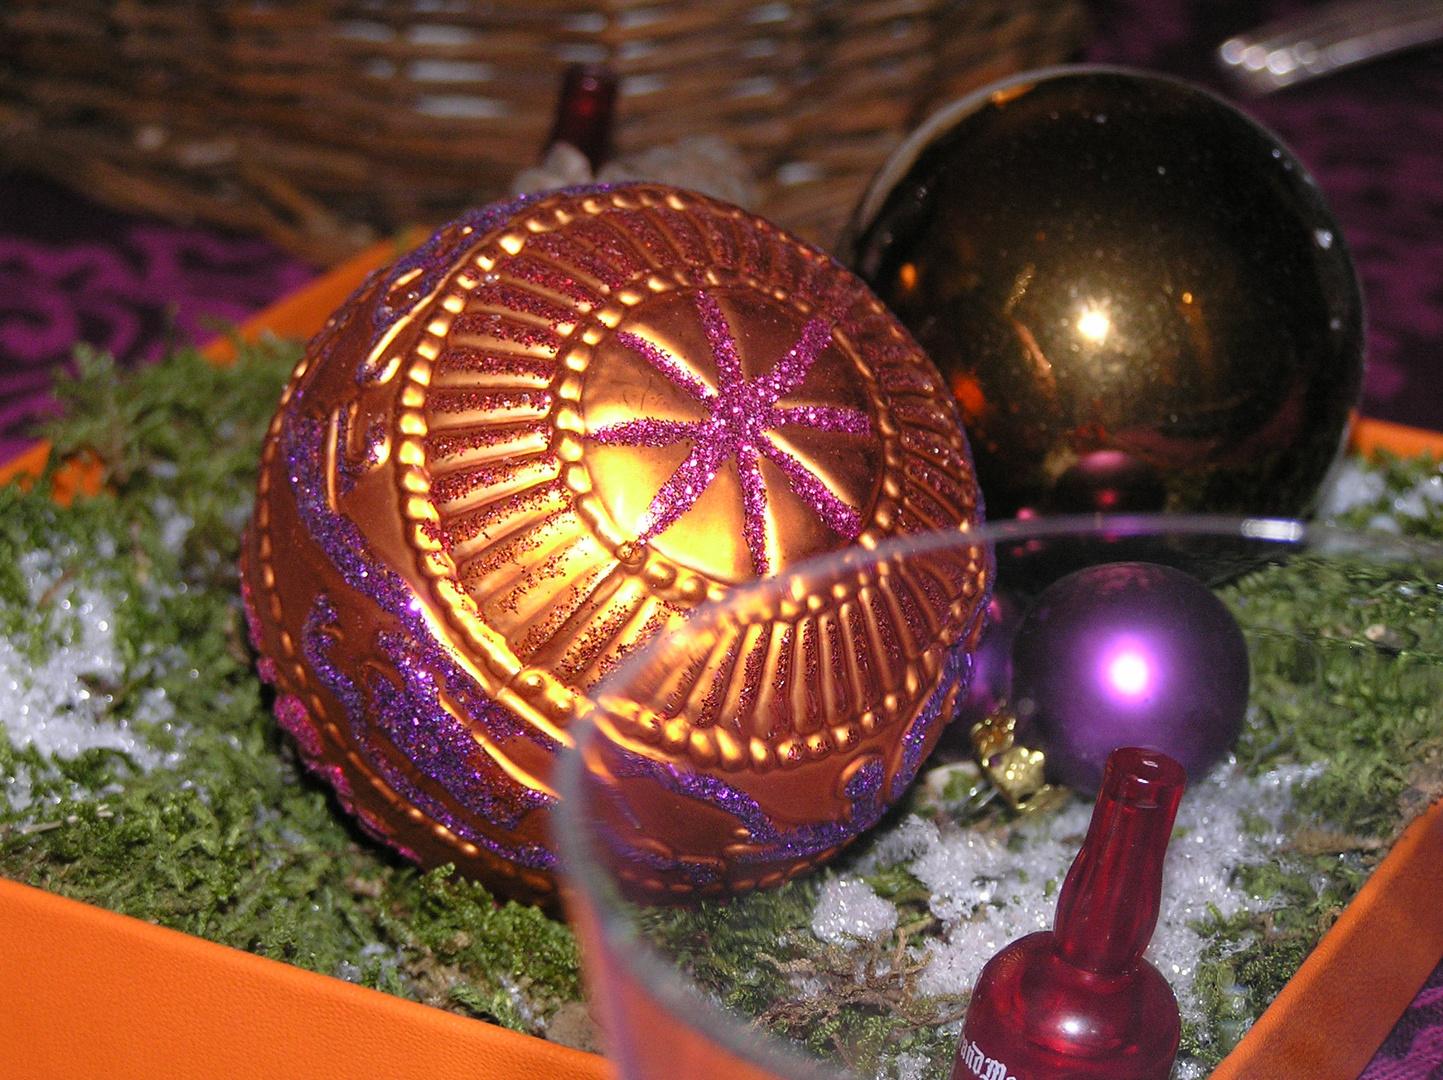 J'ai les boules le père Noël a oublié mon trépieds!!!